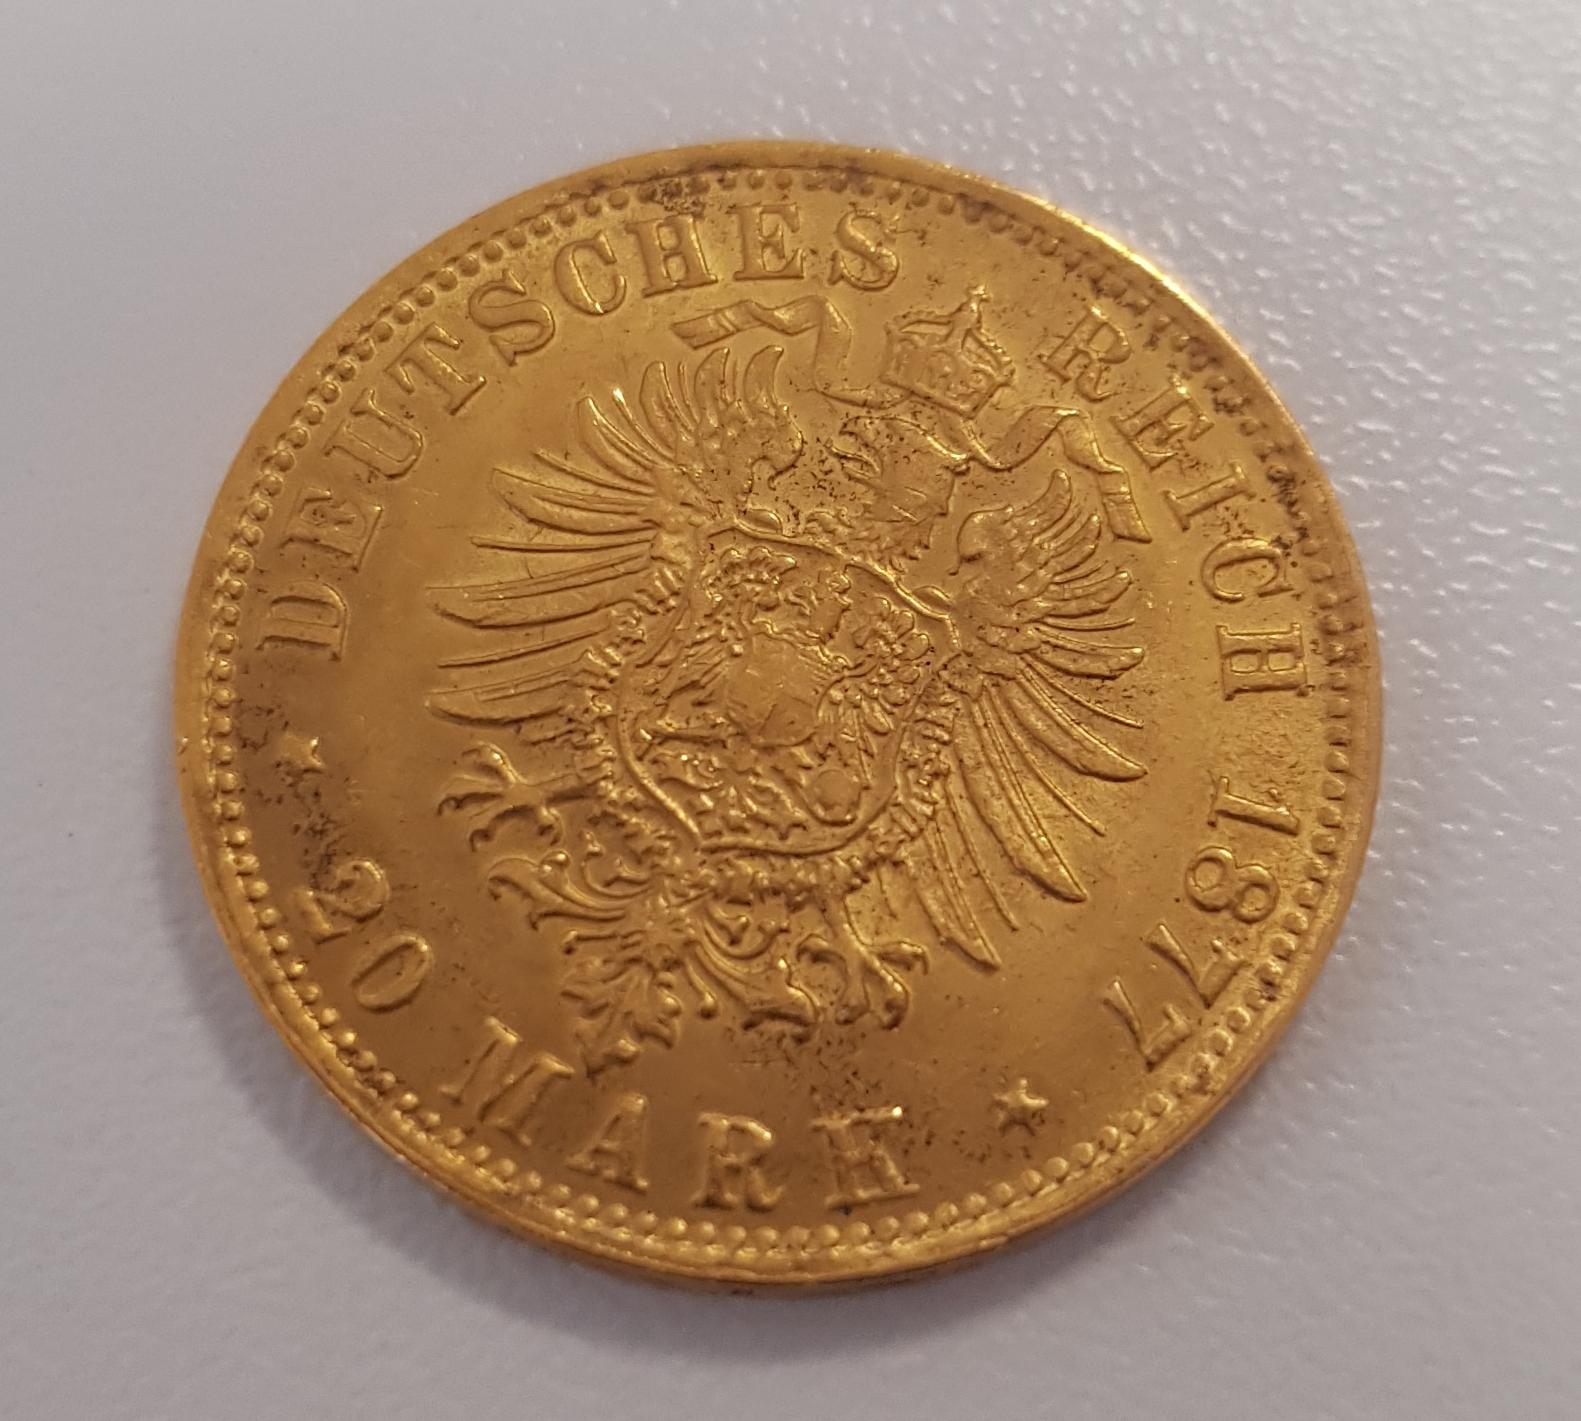 20 Mark Stadtwappen Hamburg Prägejahr 1877 Prägestätte J